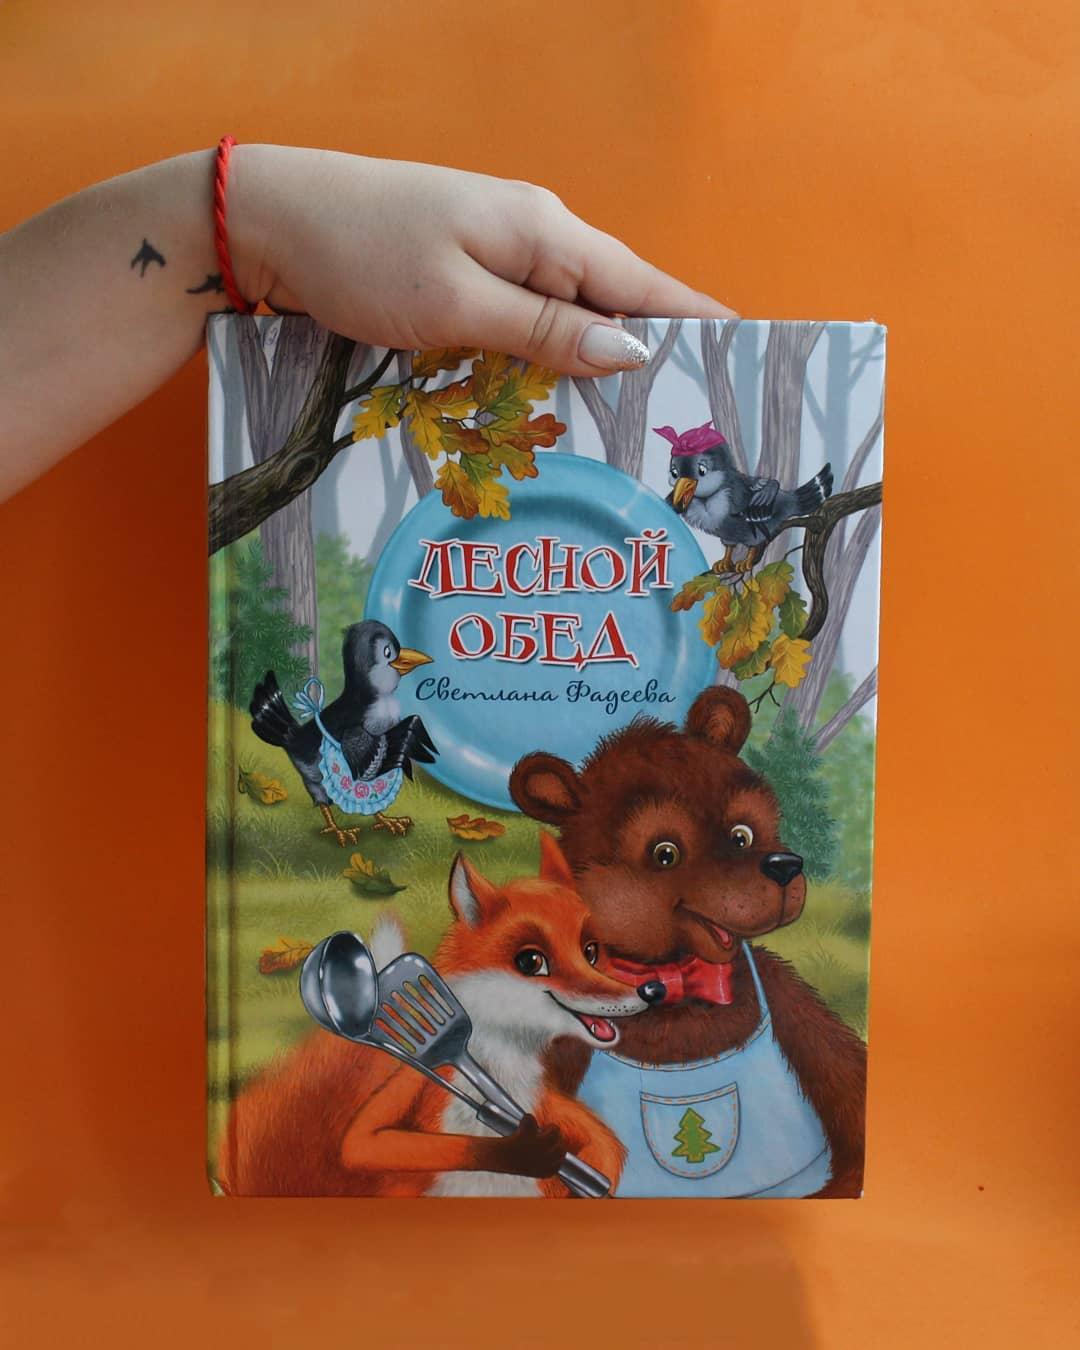 Детская библиотека Белоозёрска. «Лесной обед»